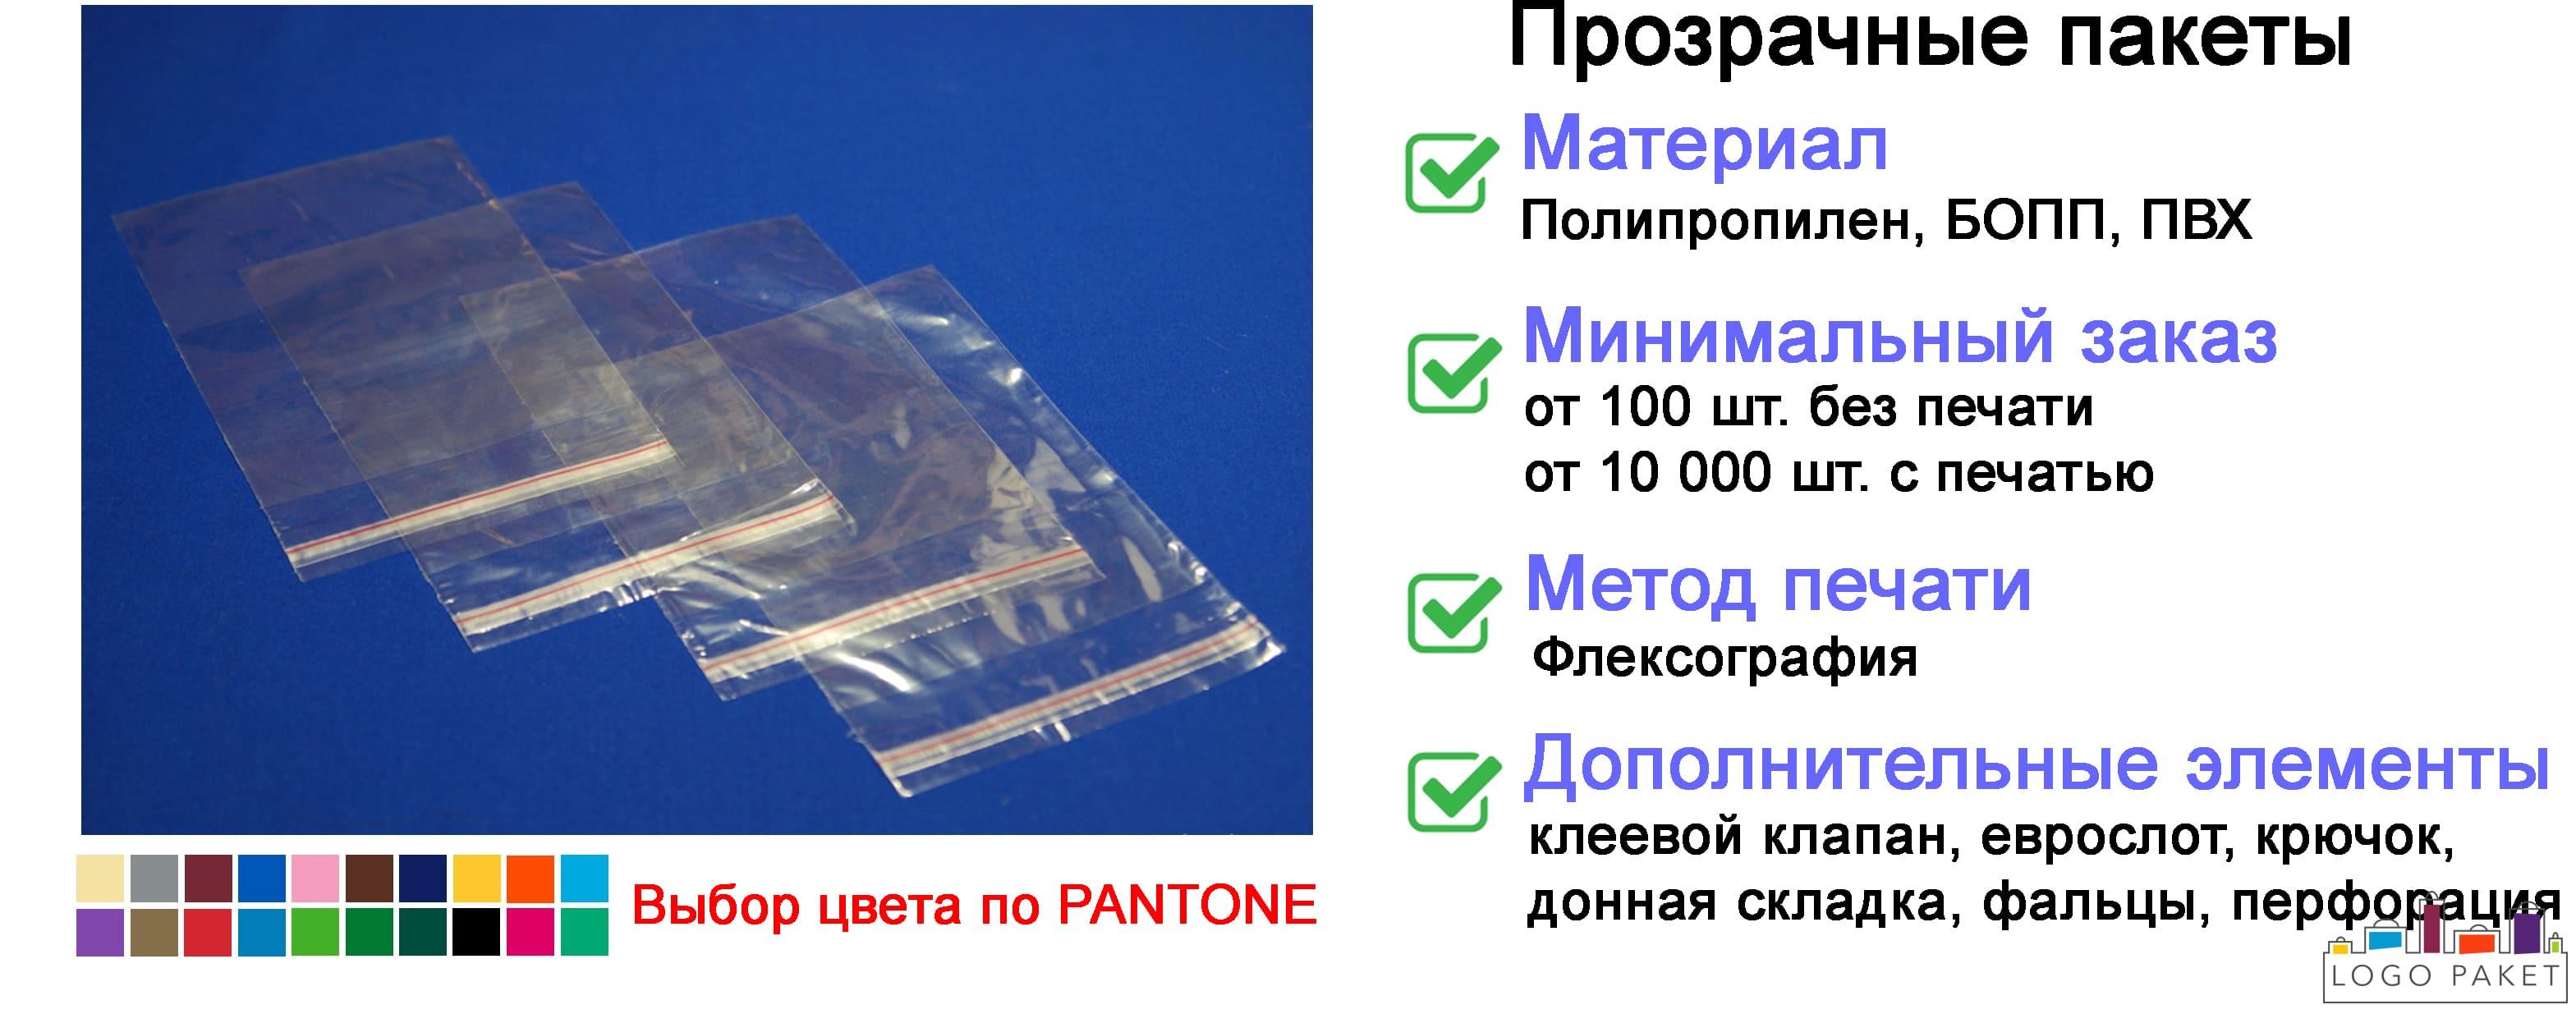 Прозрачные пакеты инфографика